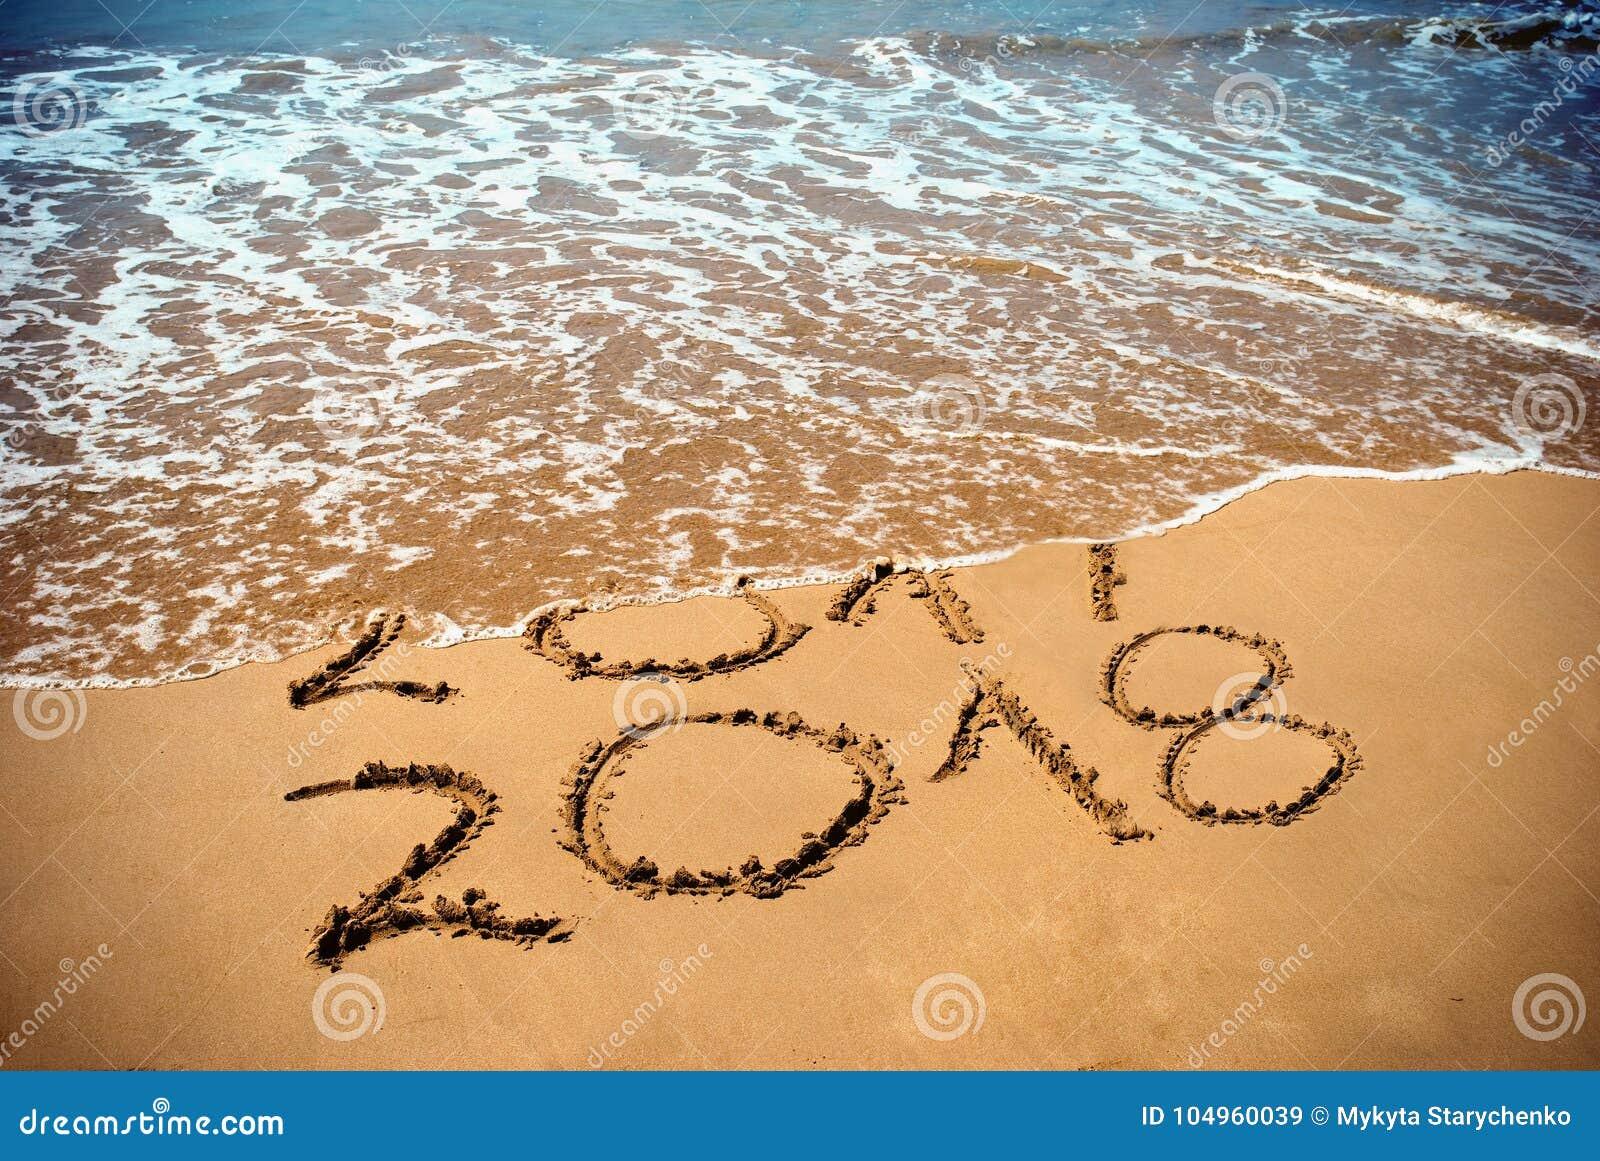 Новый Год 2018 приходя концепция - надпись 2017 и 2018 на песке пляжа, волна покрывает числа 2017 Знаменитость 2018 Нового Года